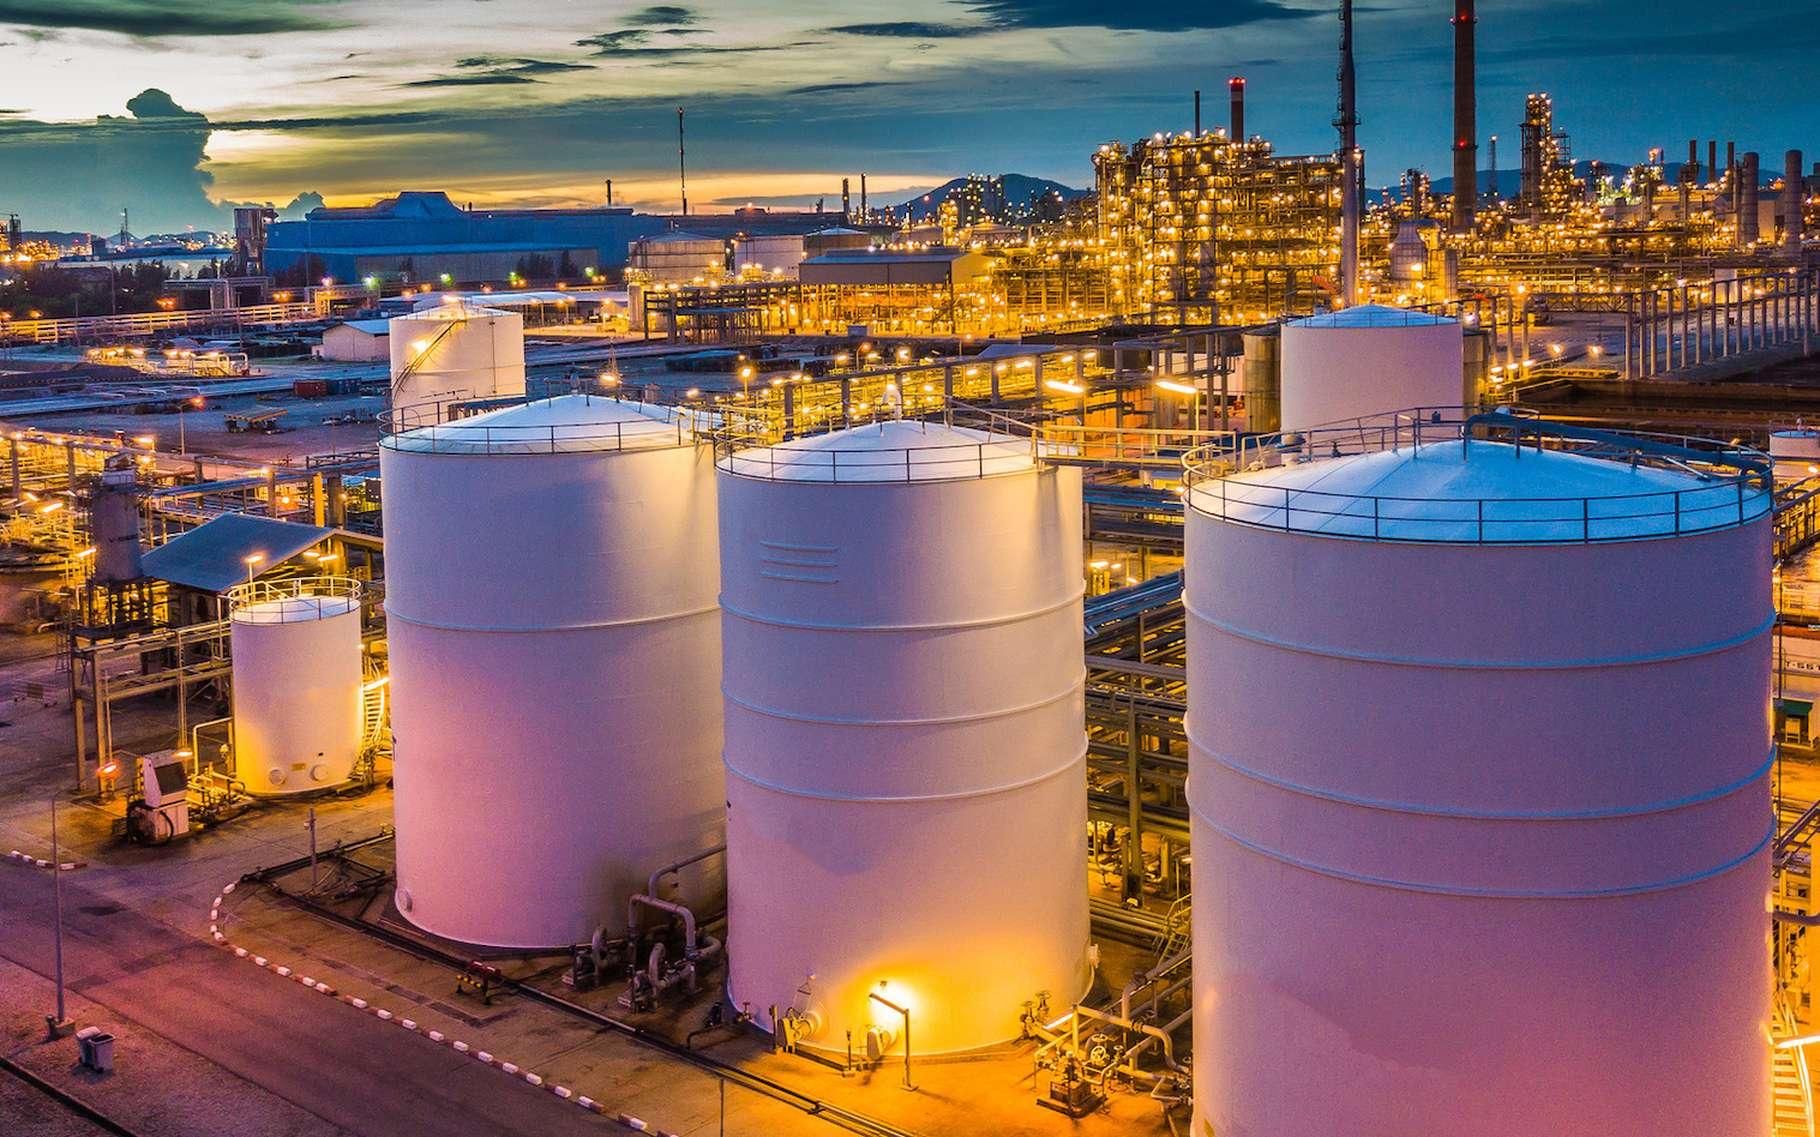 Les installations industrielles classées Seveso sont celles présentant potentiellement un risque important, voire majeur pour les populations alentour. Comme celles manipulant, par exemple, du gaz ou des produits pétroliers ou pétrochimiques. © Kalyakan, Fotolia